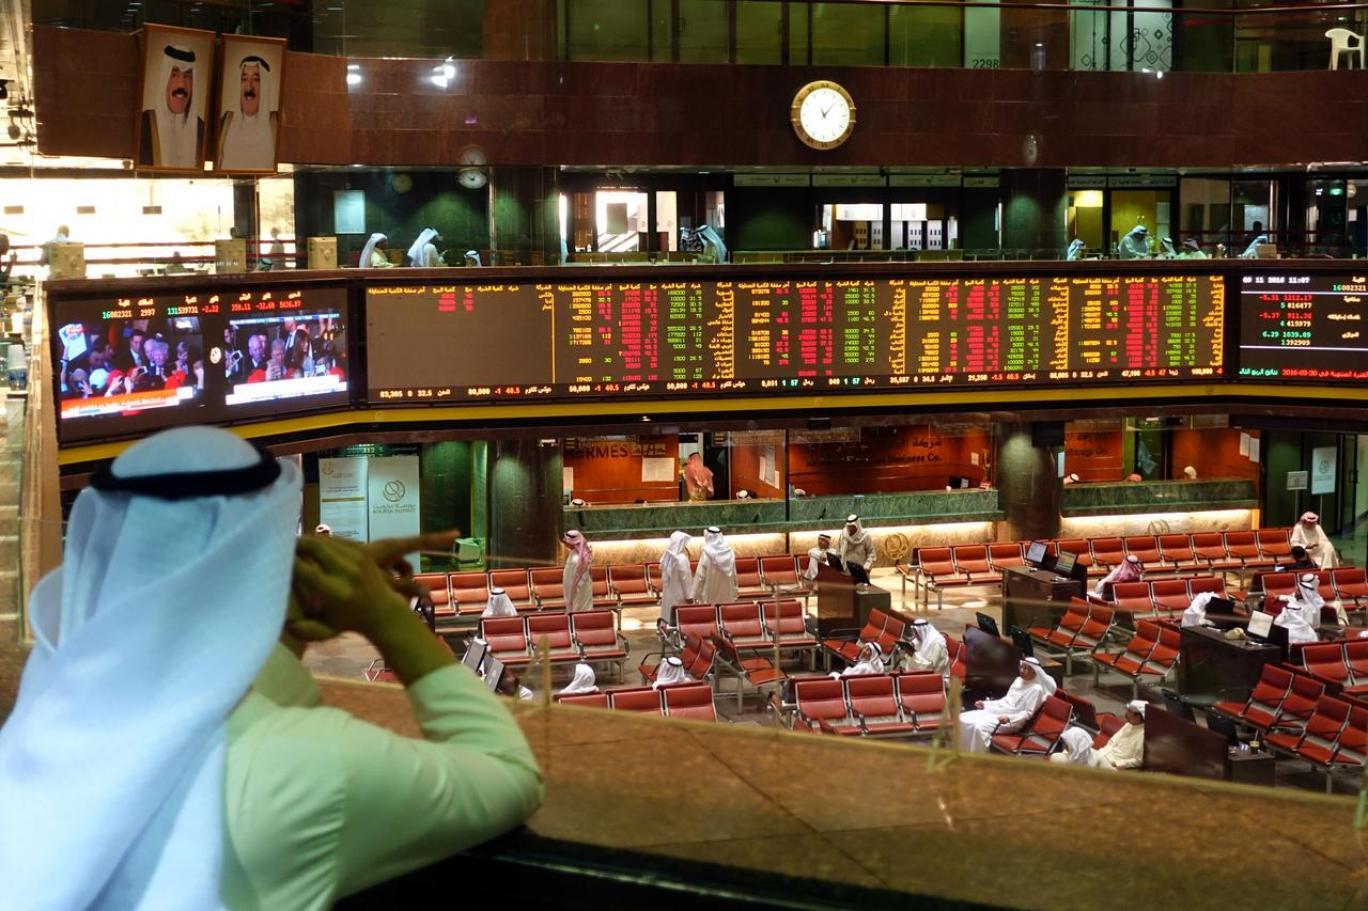 سيولة البورصة الكويتية تقفز... لكن المؤشرات تواصل هبوطها للأسبوع الثاني : اندبندنت عربية